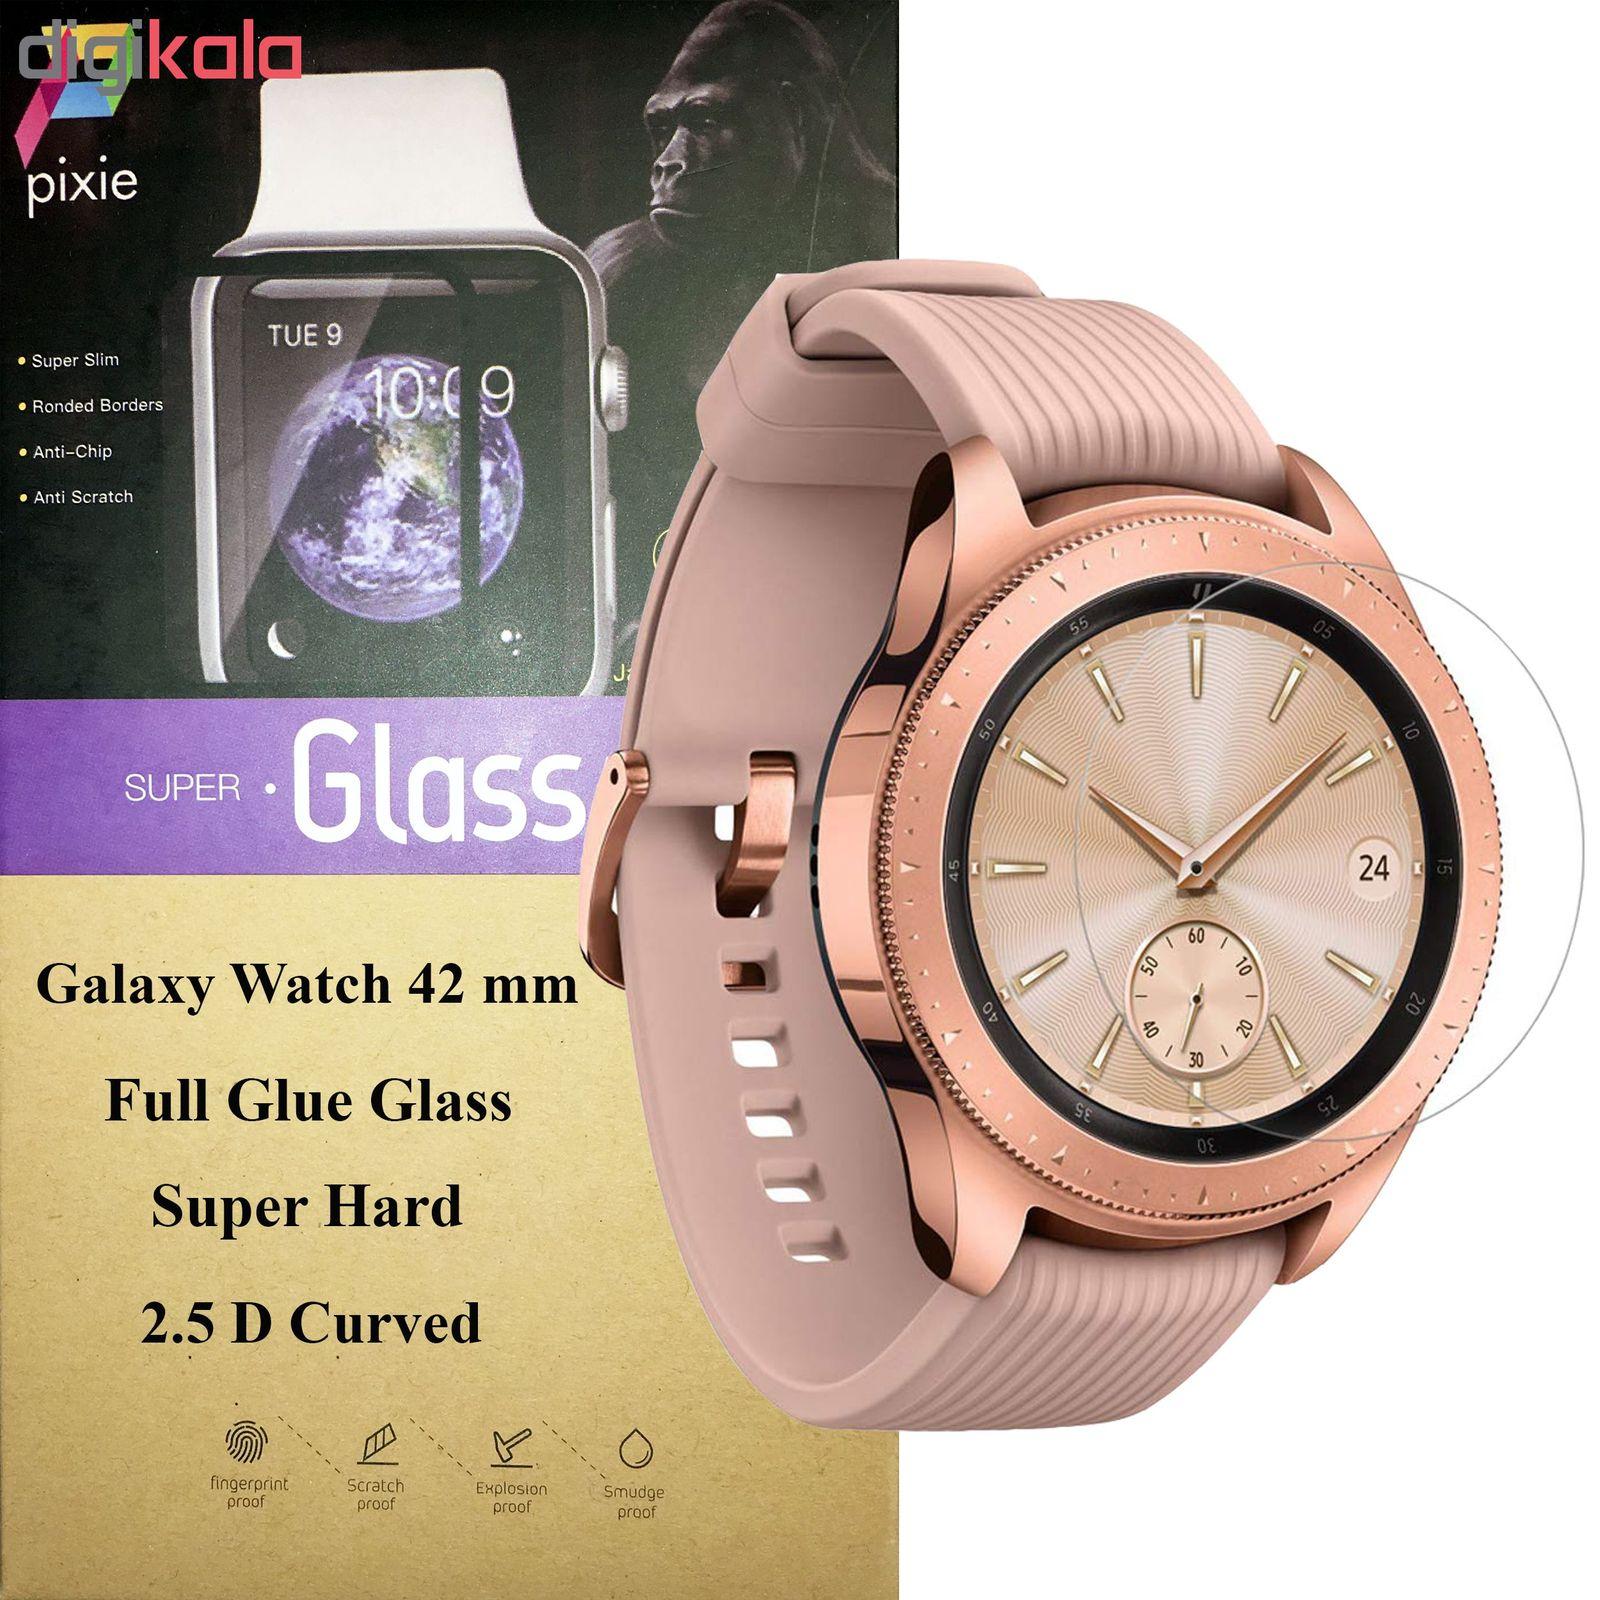 محافظ صفحه نمایش پیکسی مدل Treasure Trove مناسب برای ساعت هوشمند سامسونگ مدل Galaxy Watch 42mm main 1 1